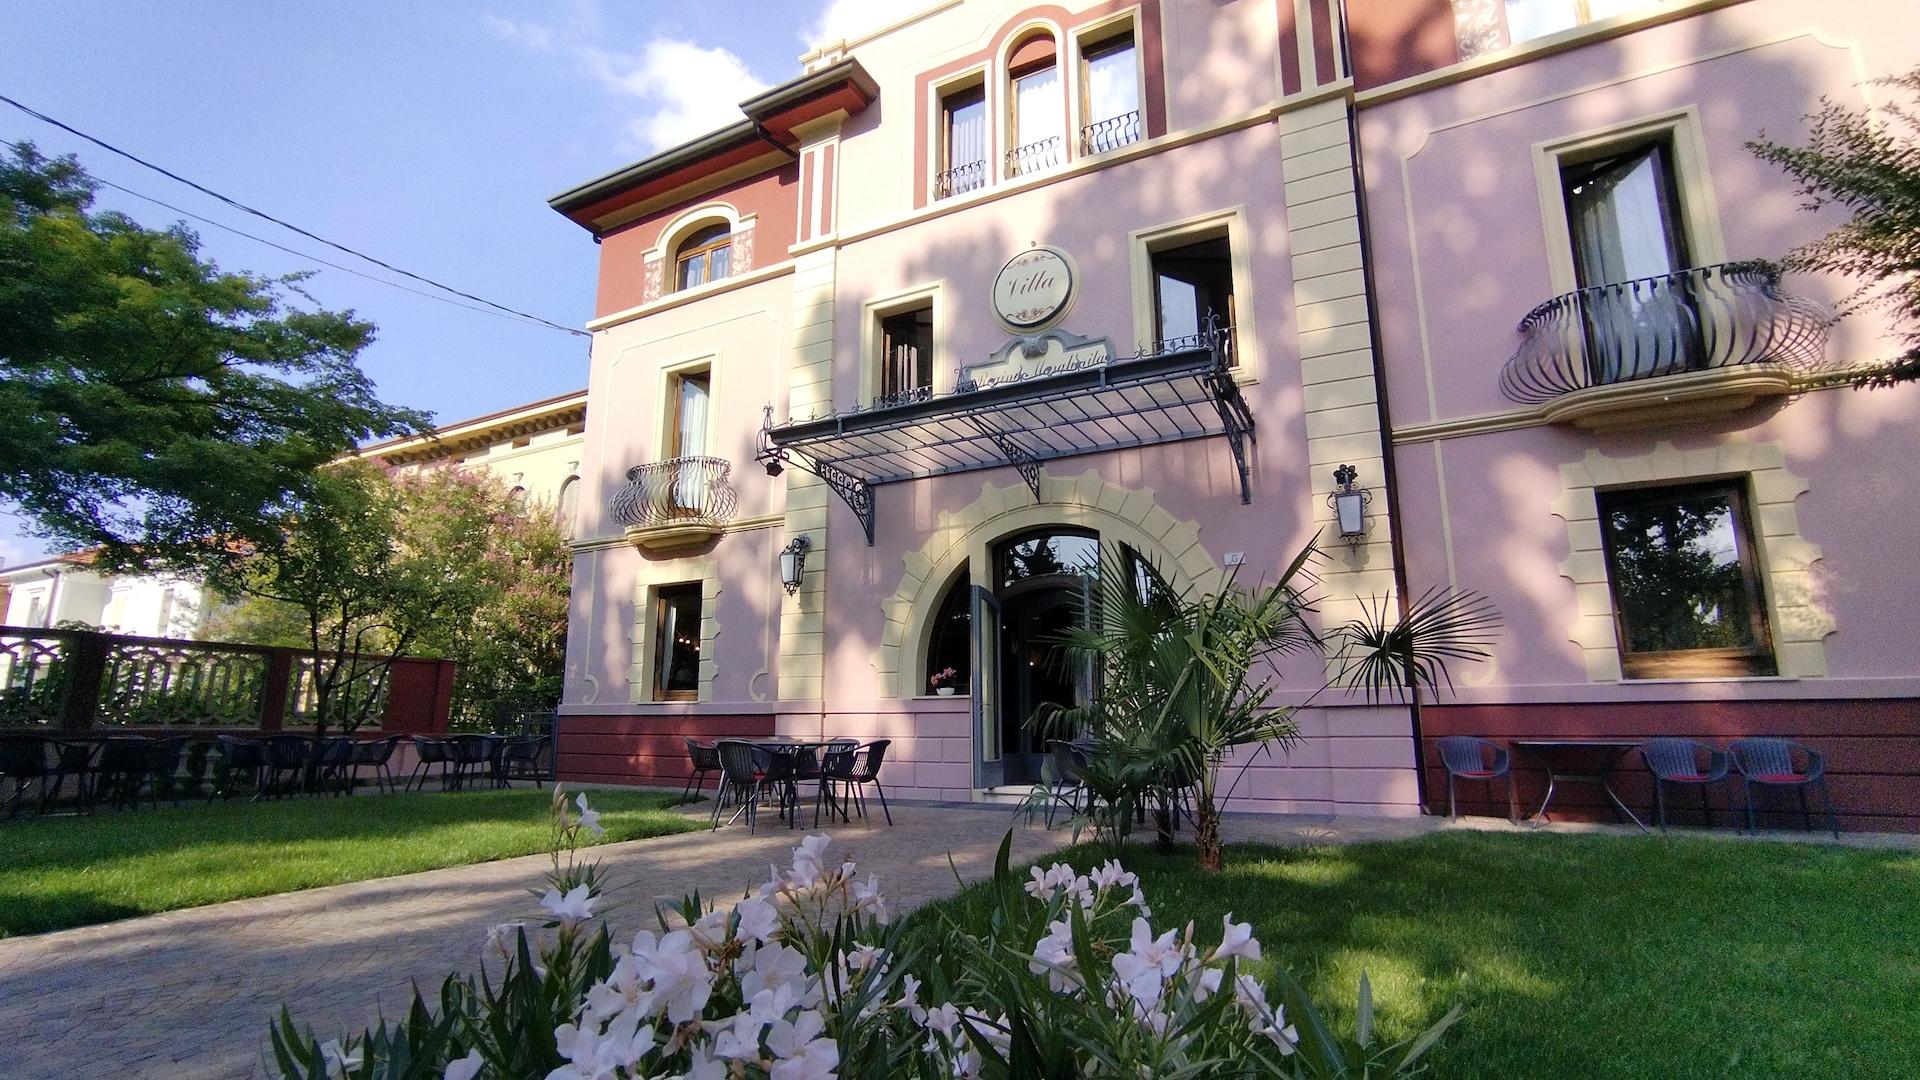 Villa Regina Margherita un sogno che diventa realtà